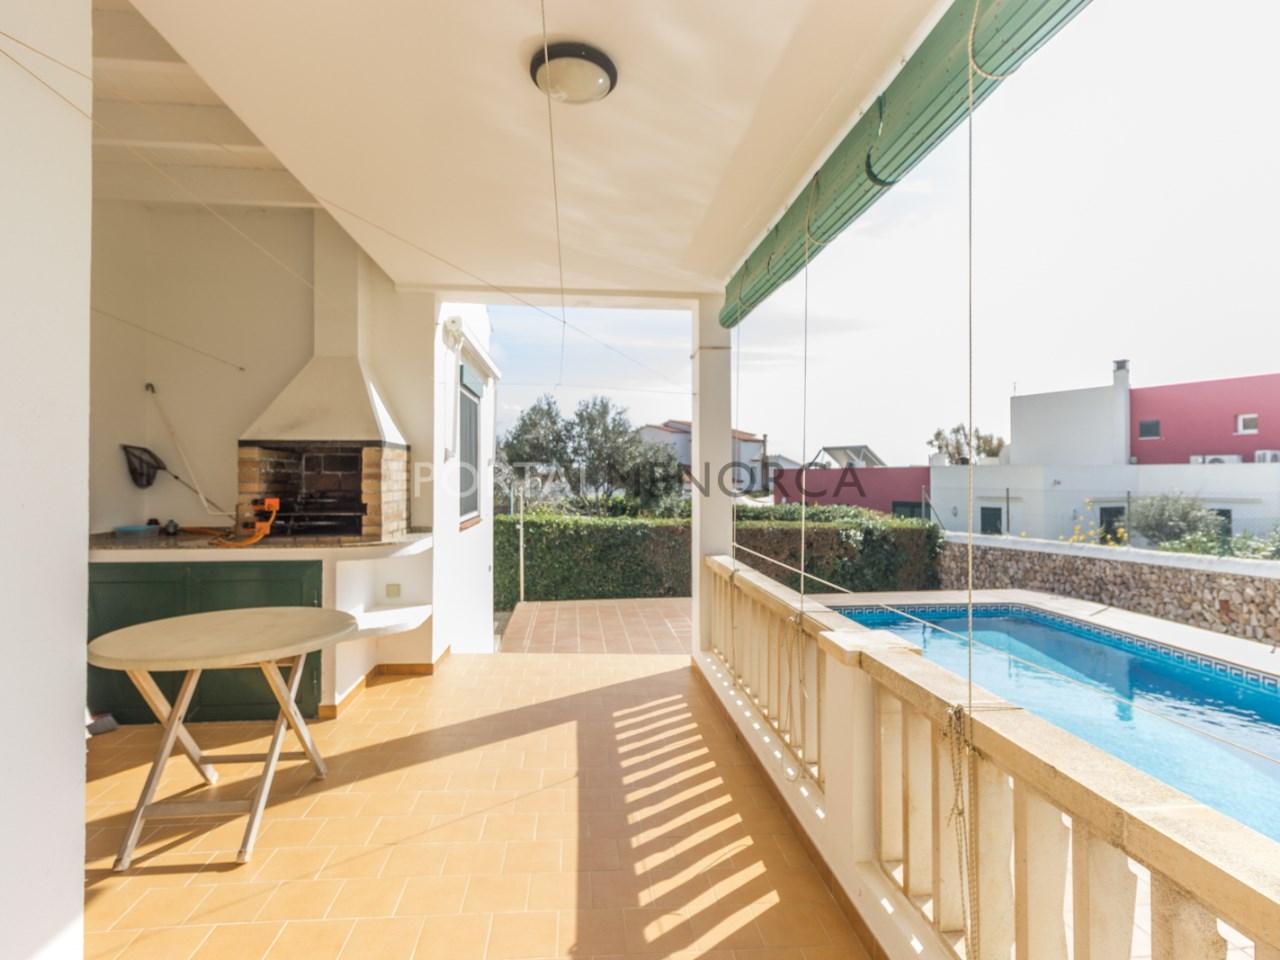 casa con piscina en venta en canutells (10 de 13)